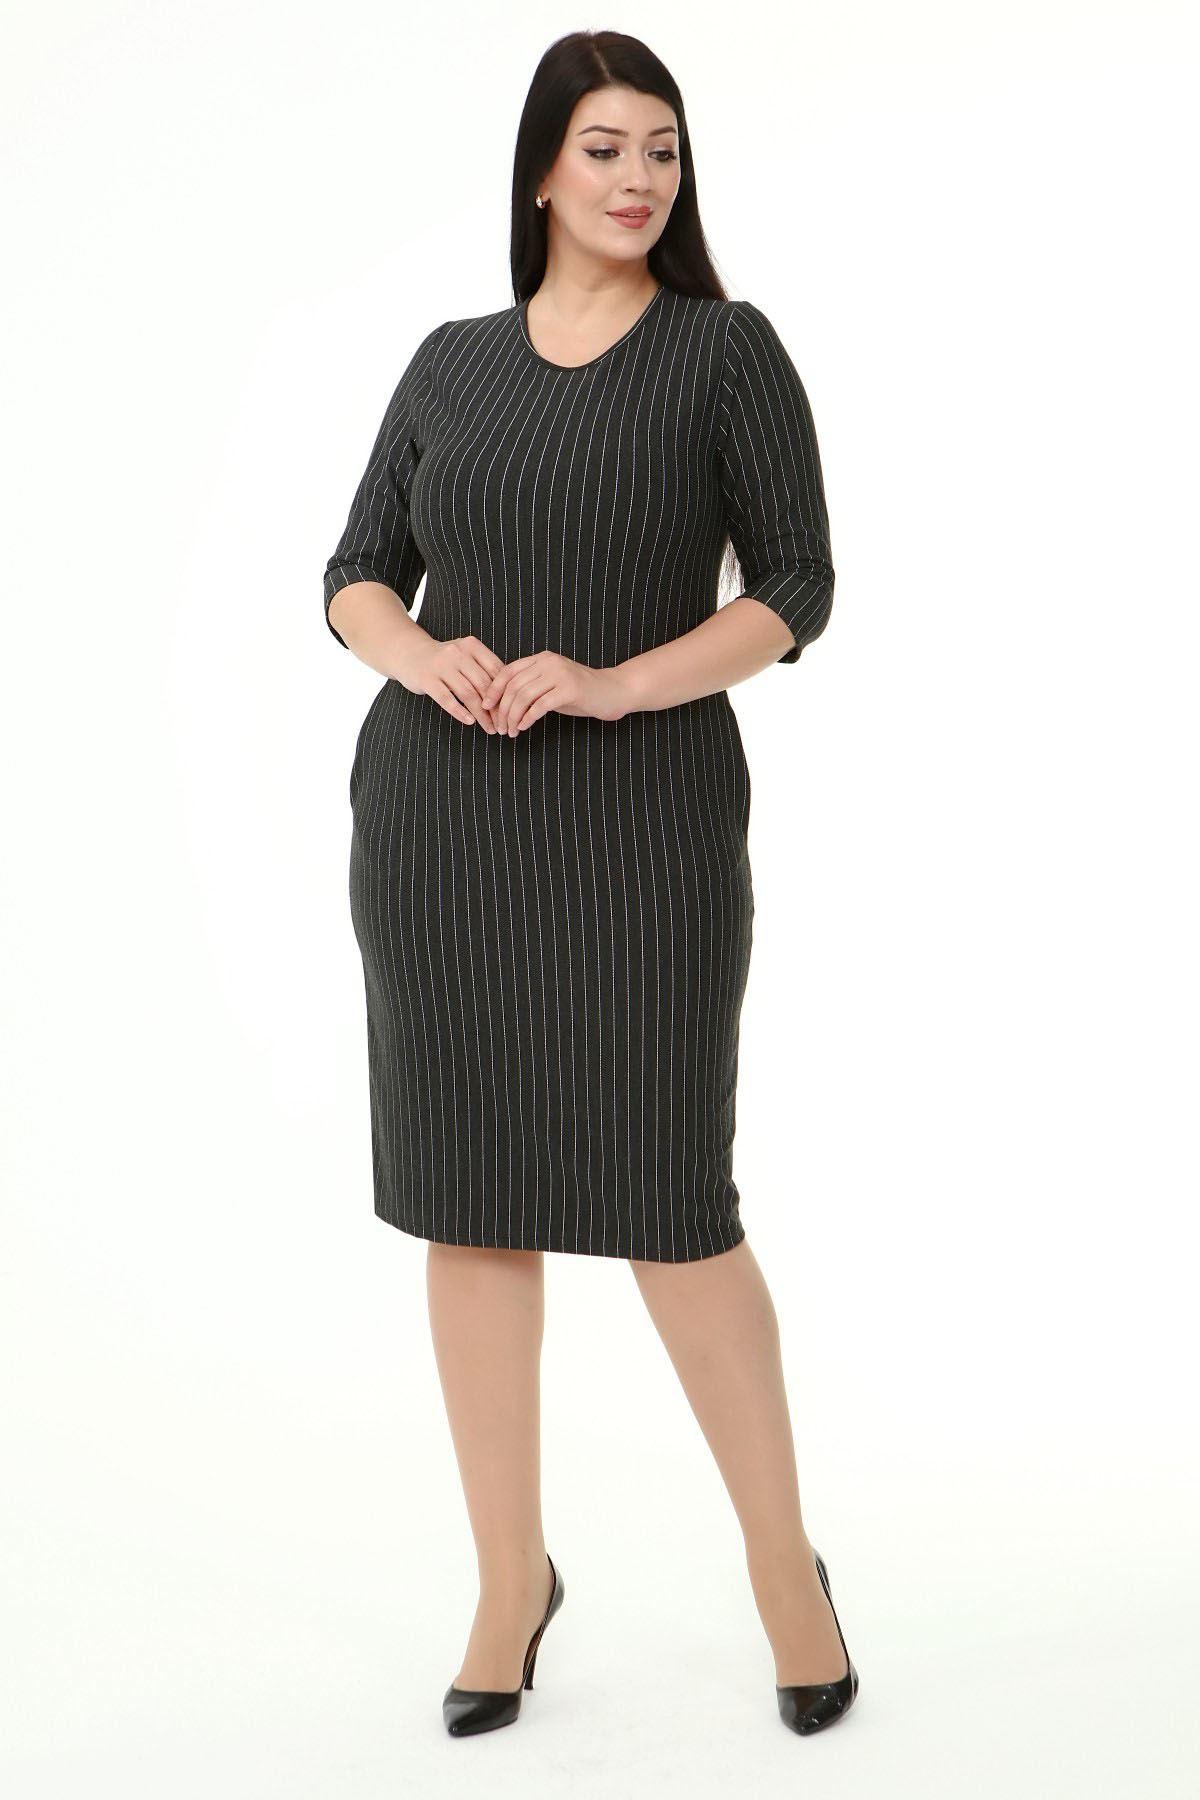 Jakarlı Cepli Kışlık Büyük Beden Elbise 23E-1871